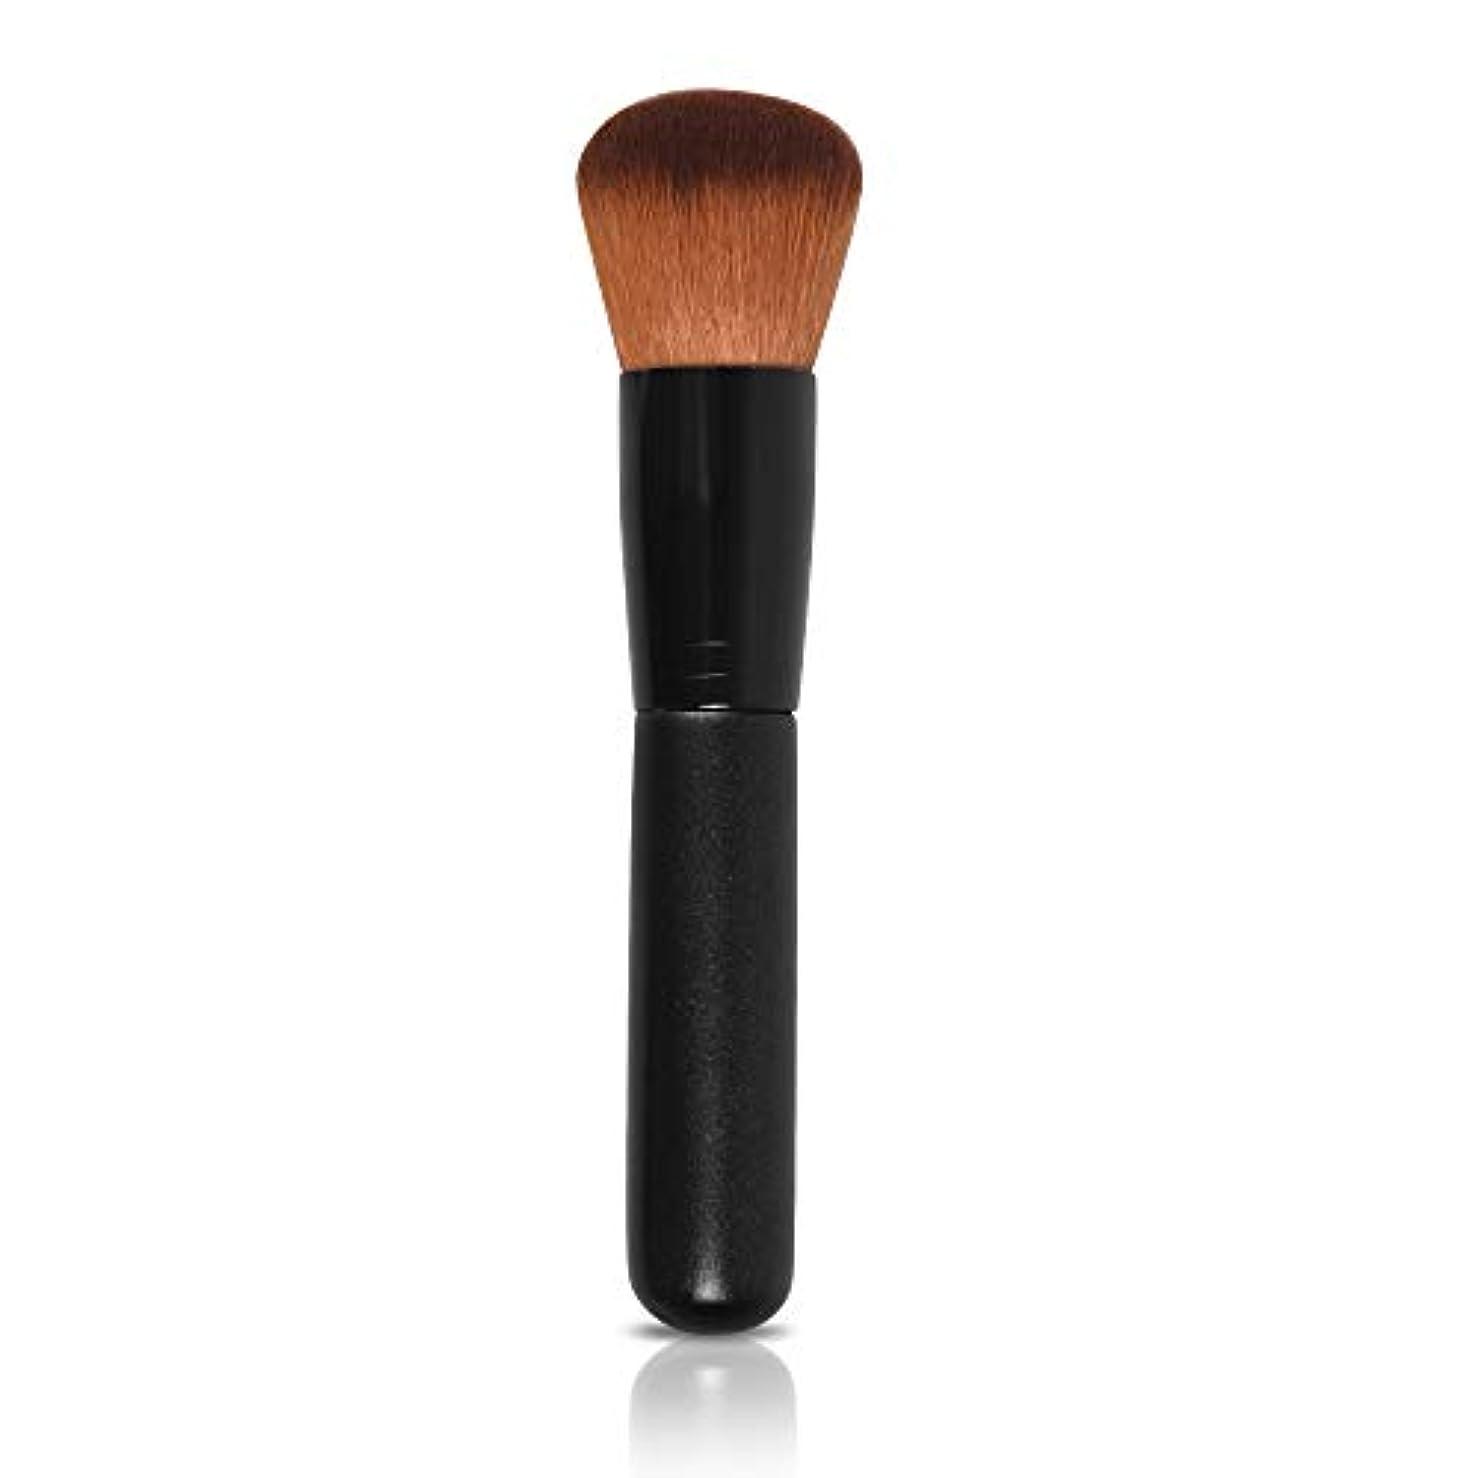 化粧筆,thsgrt フェイスブラシ ファンデーションブラシ 最高級 メイクブラシ 高品質 優しい肌触り 化粧ブラシ パウダー&チークブラシ